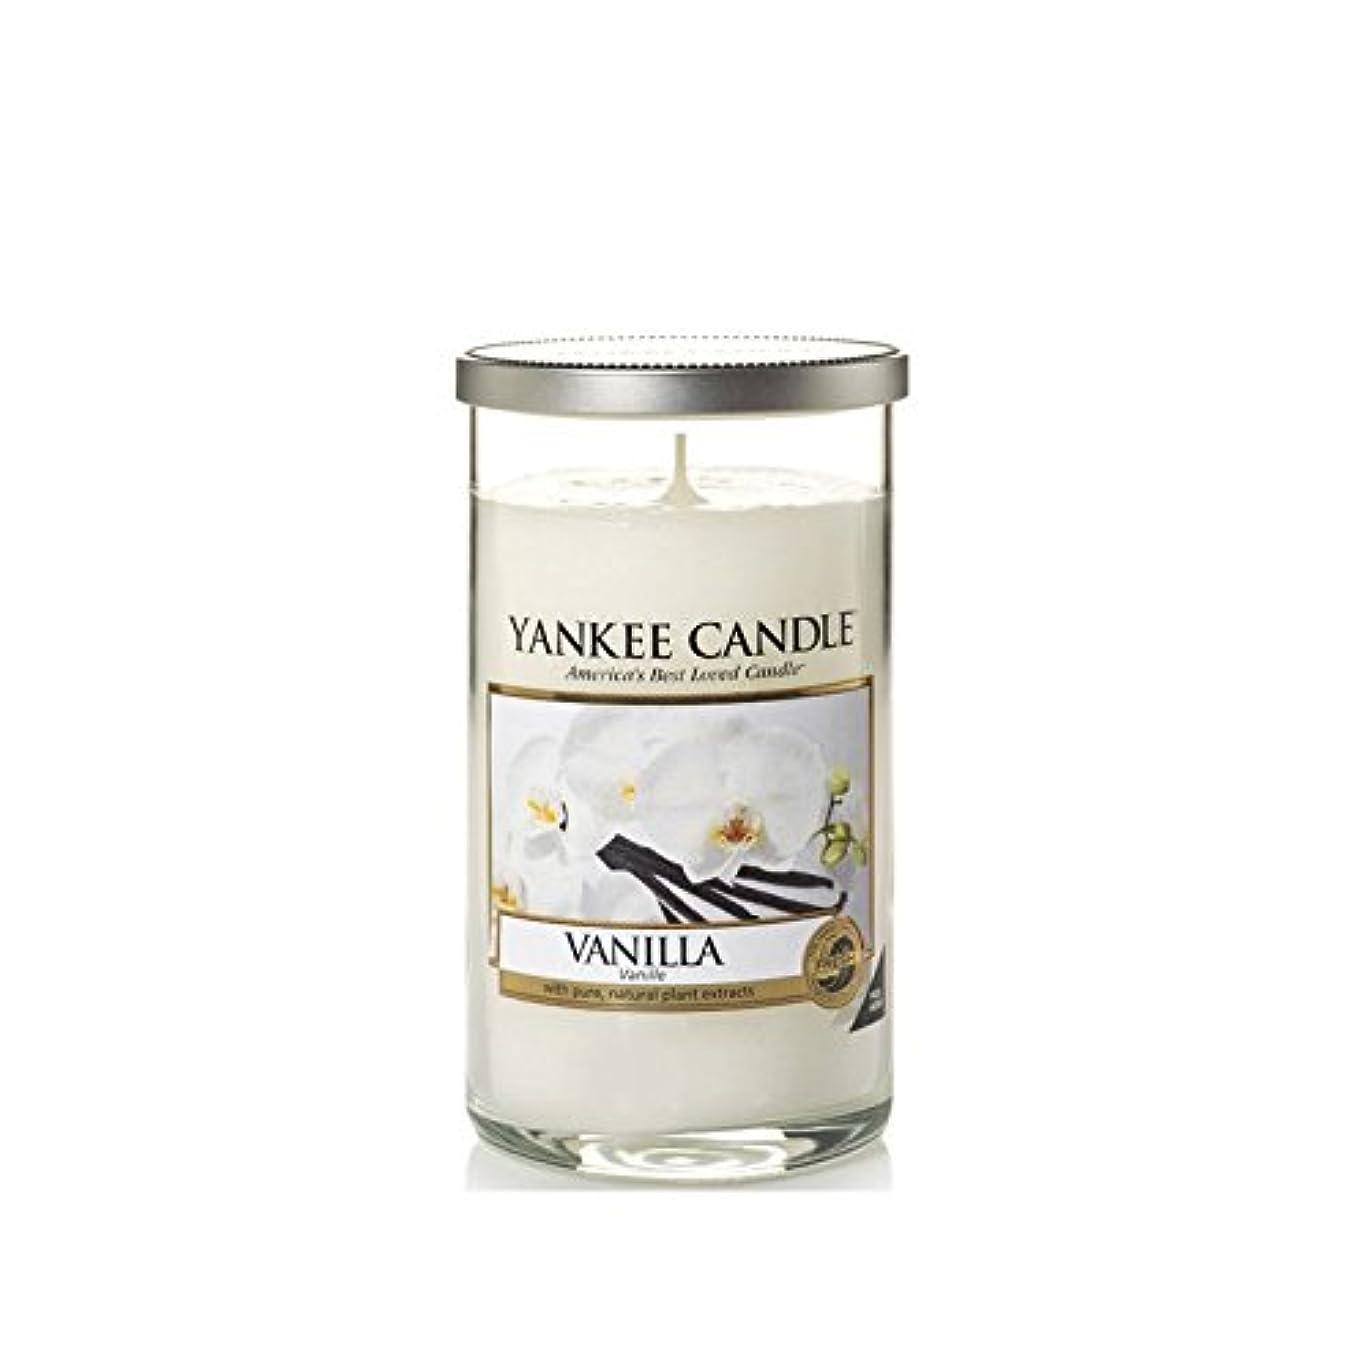 結婚式幸運なトランジスタYankee Candles Medium Pillar Candle - Vanilla (Pack of 6) - ヤンキーキャンドルメディアピラーキャンドル - バニラ (x6) [並行輸入品]